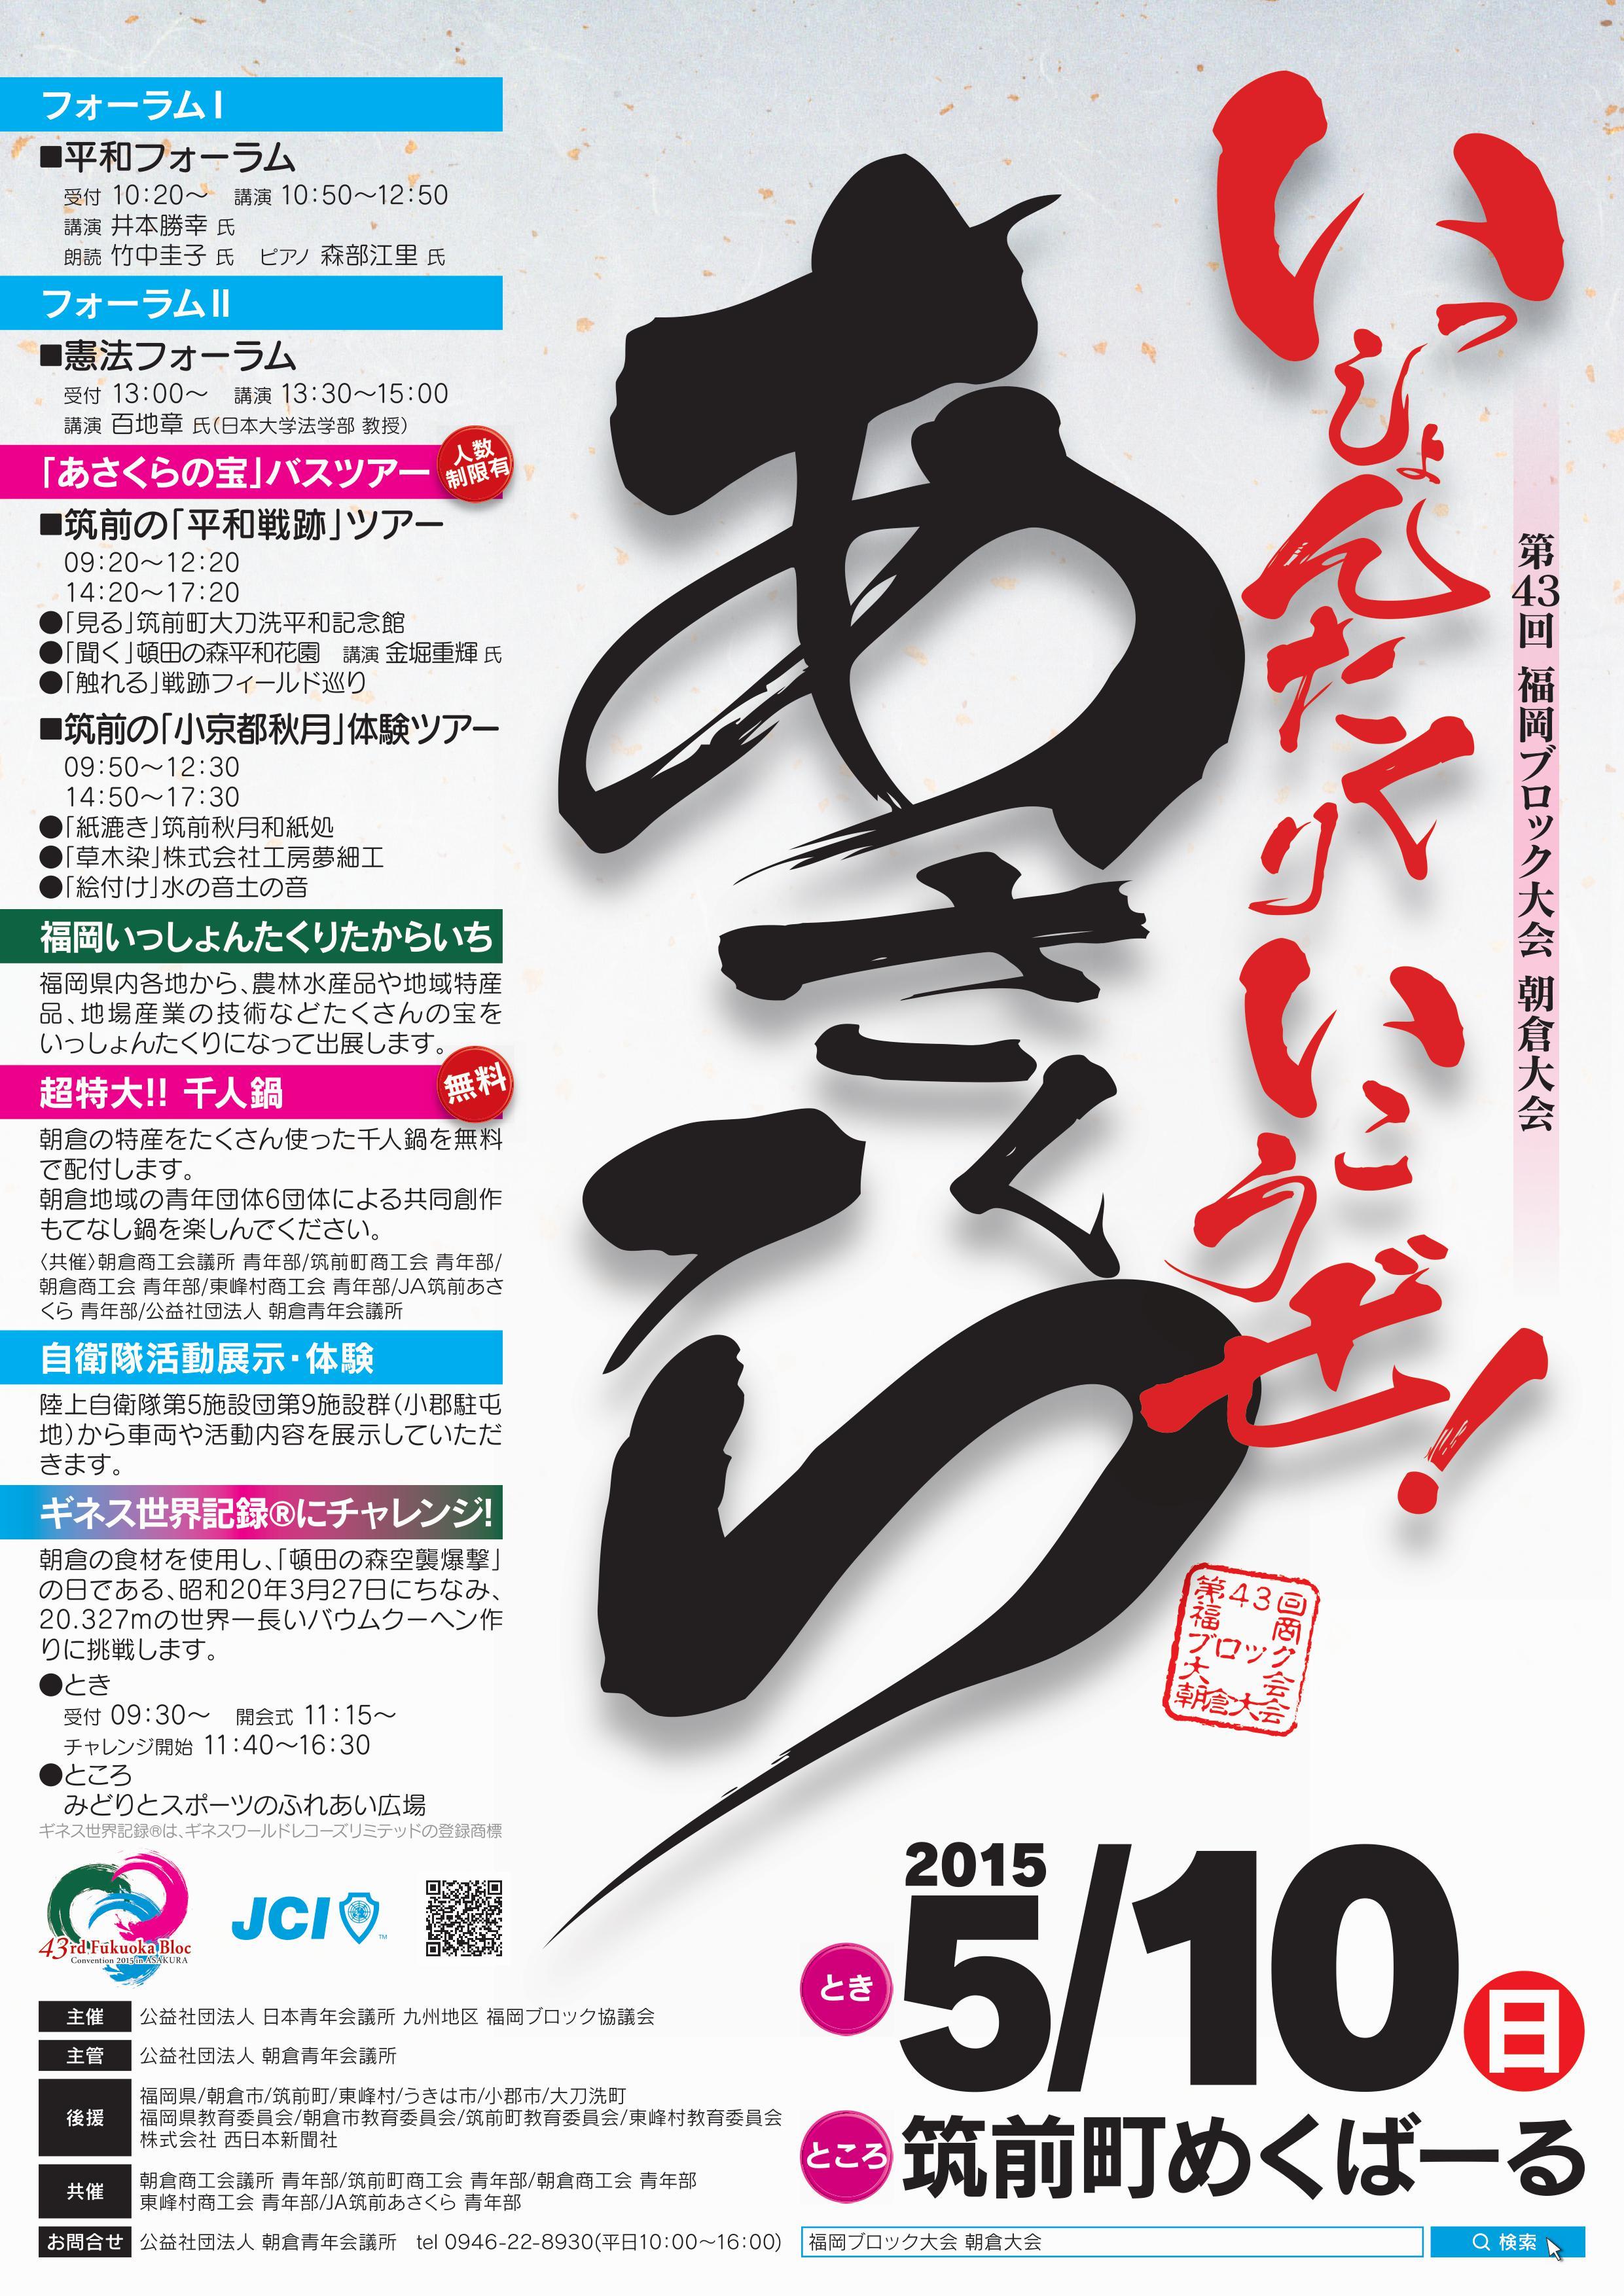 ブロック大会ちらし(20150402)